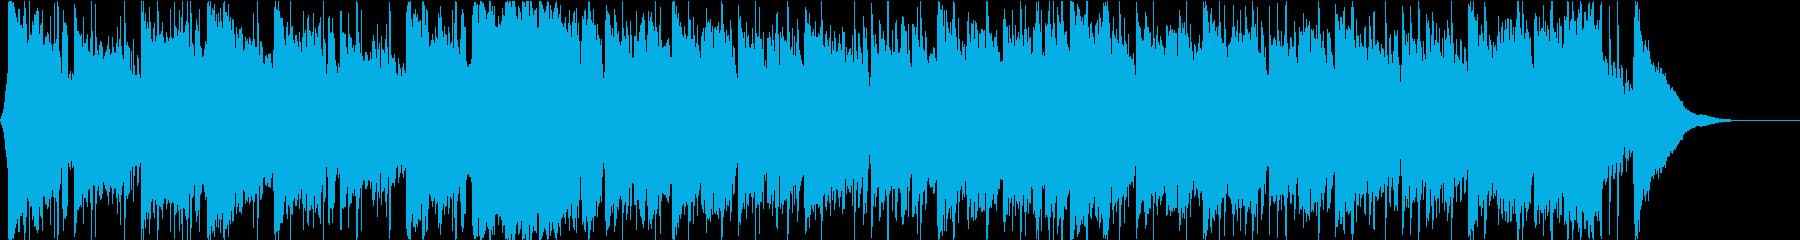 企業VP ギターアンビエントポップ60秒の再生済みの波形